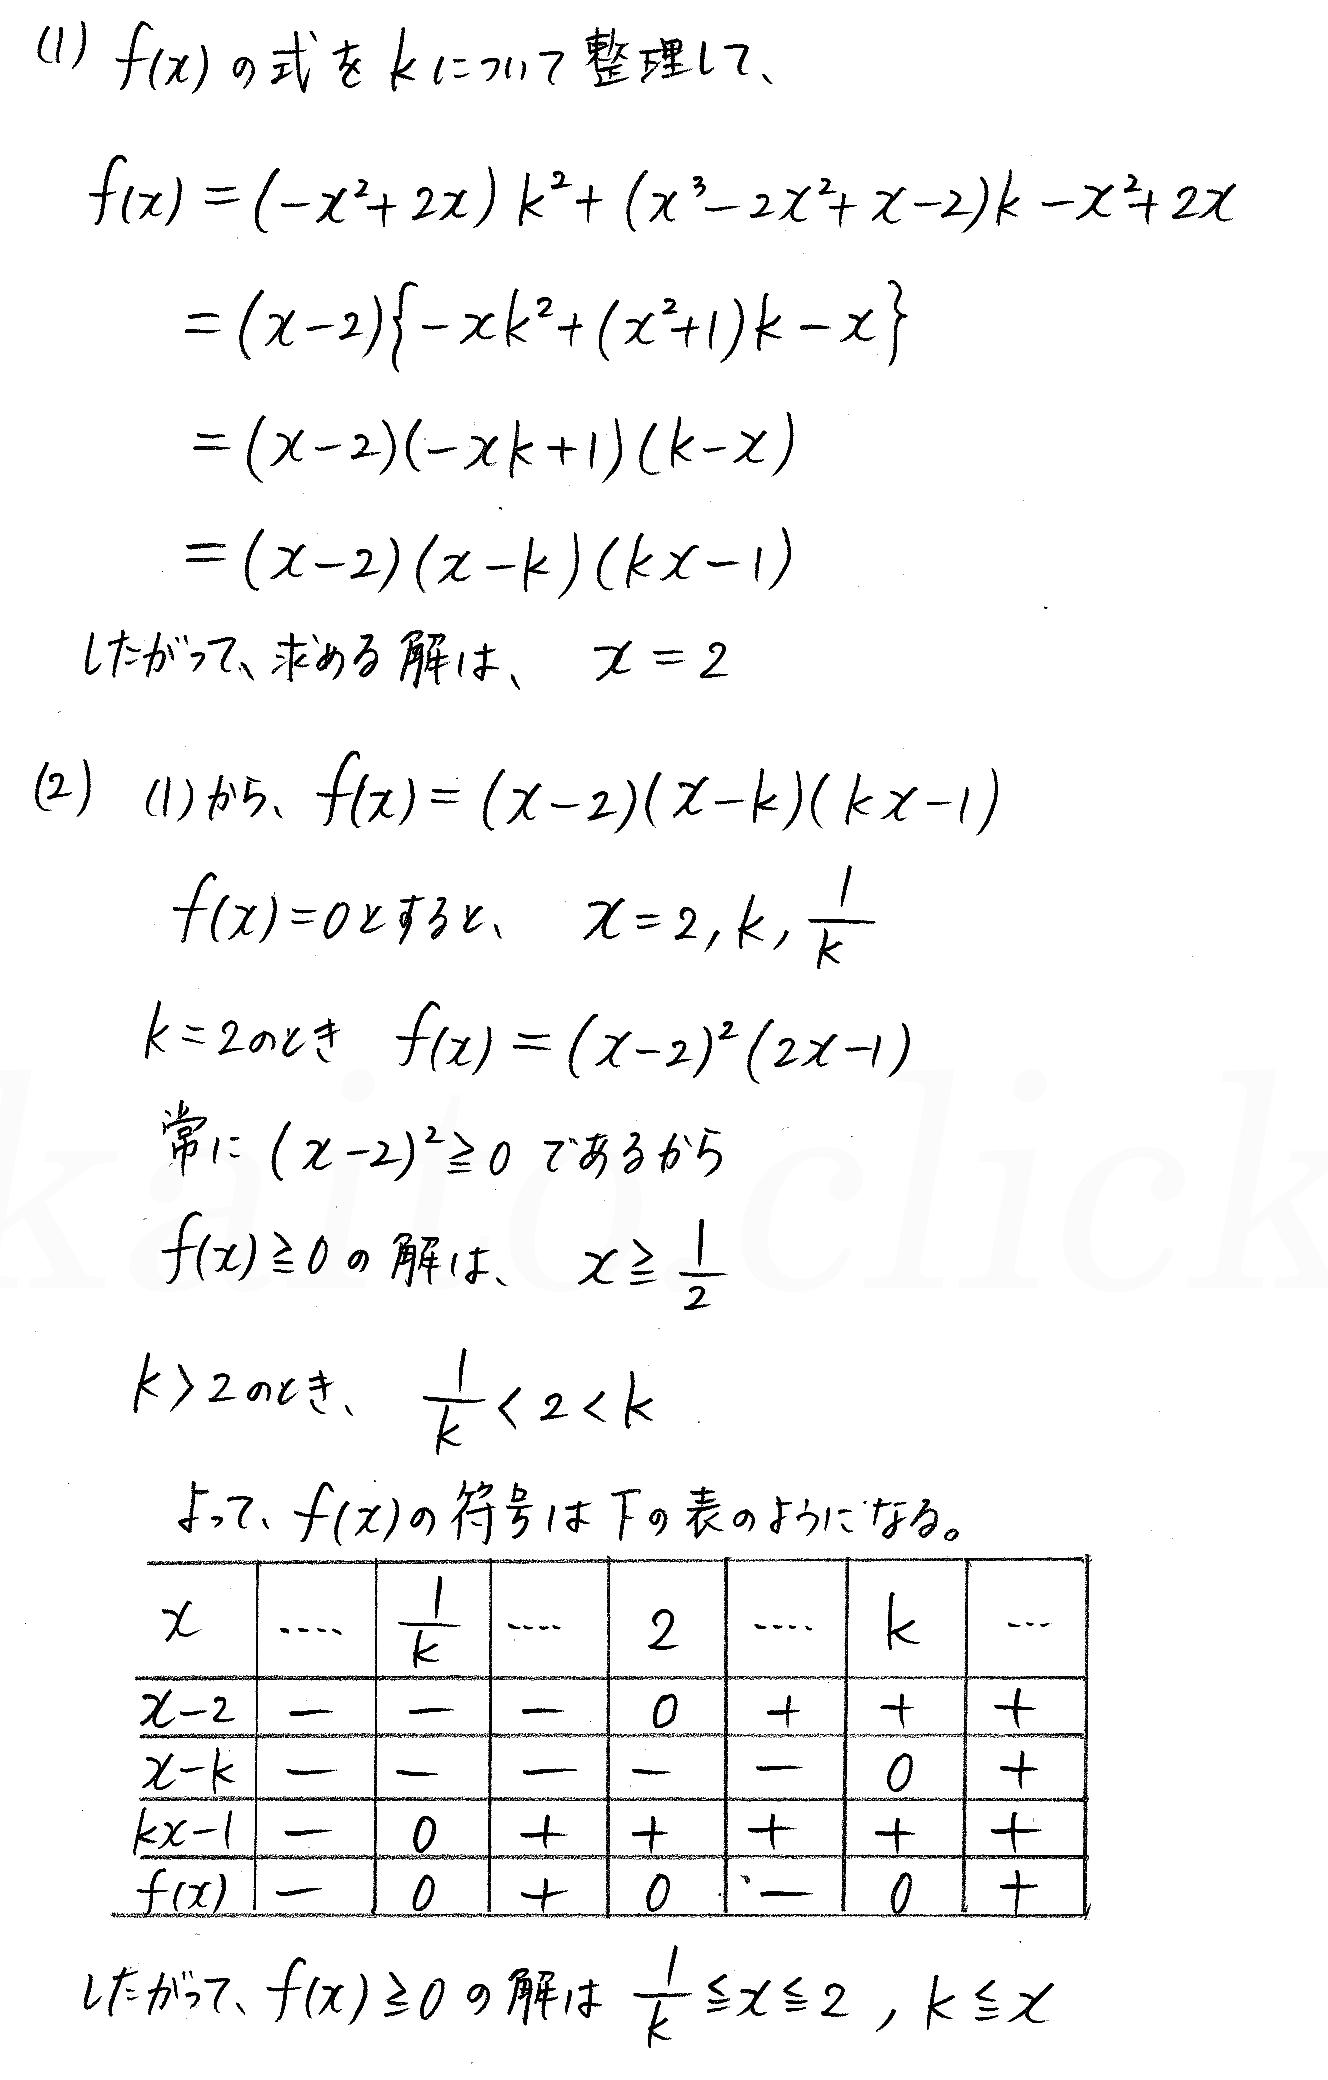 クリアー数学演習12AB受験編-18解答